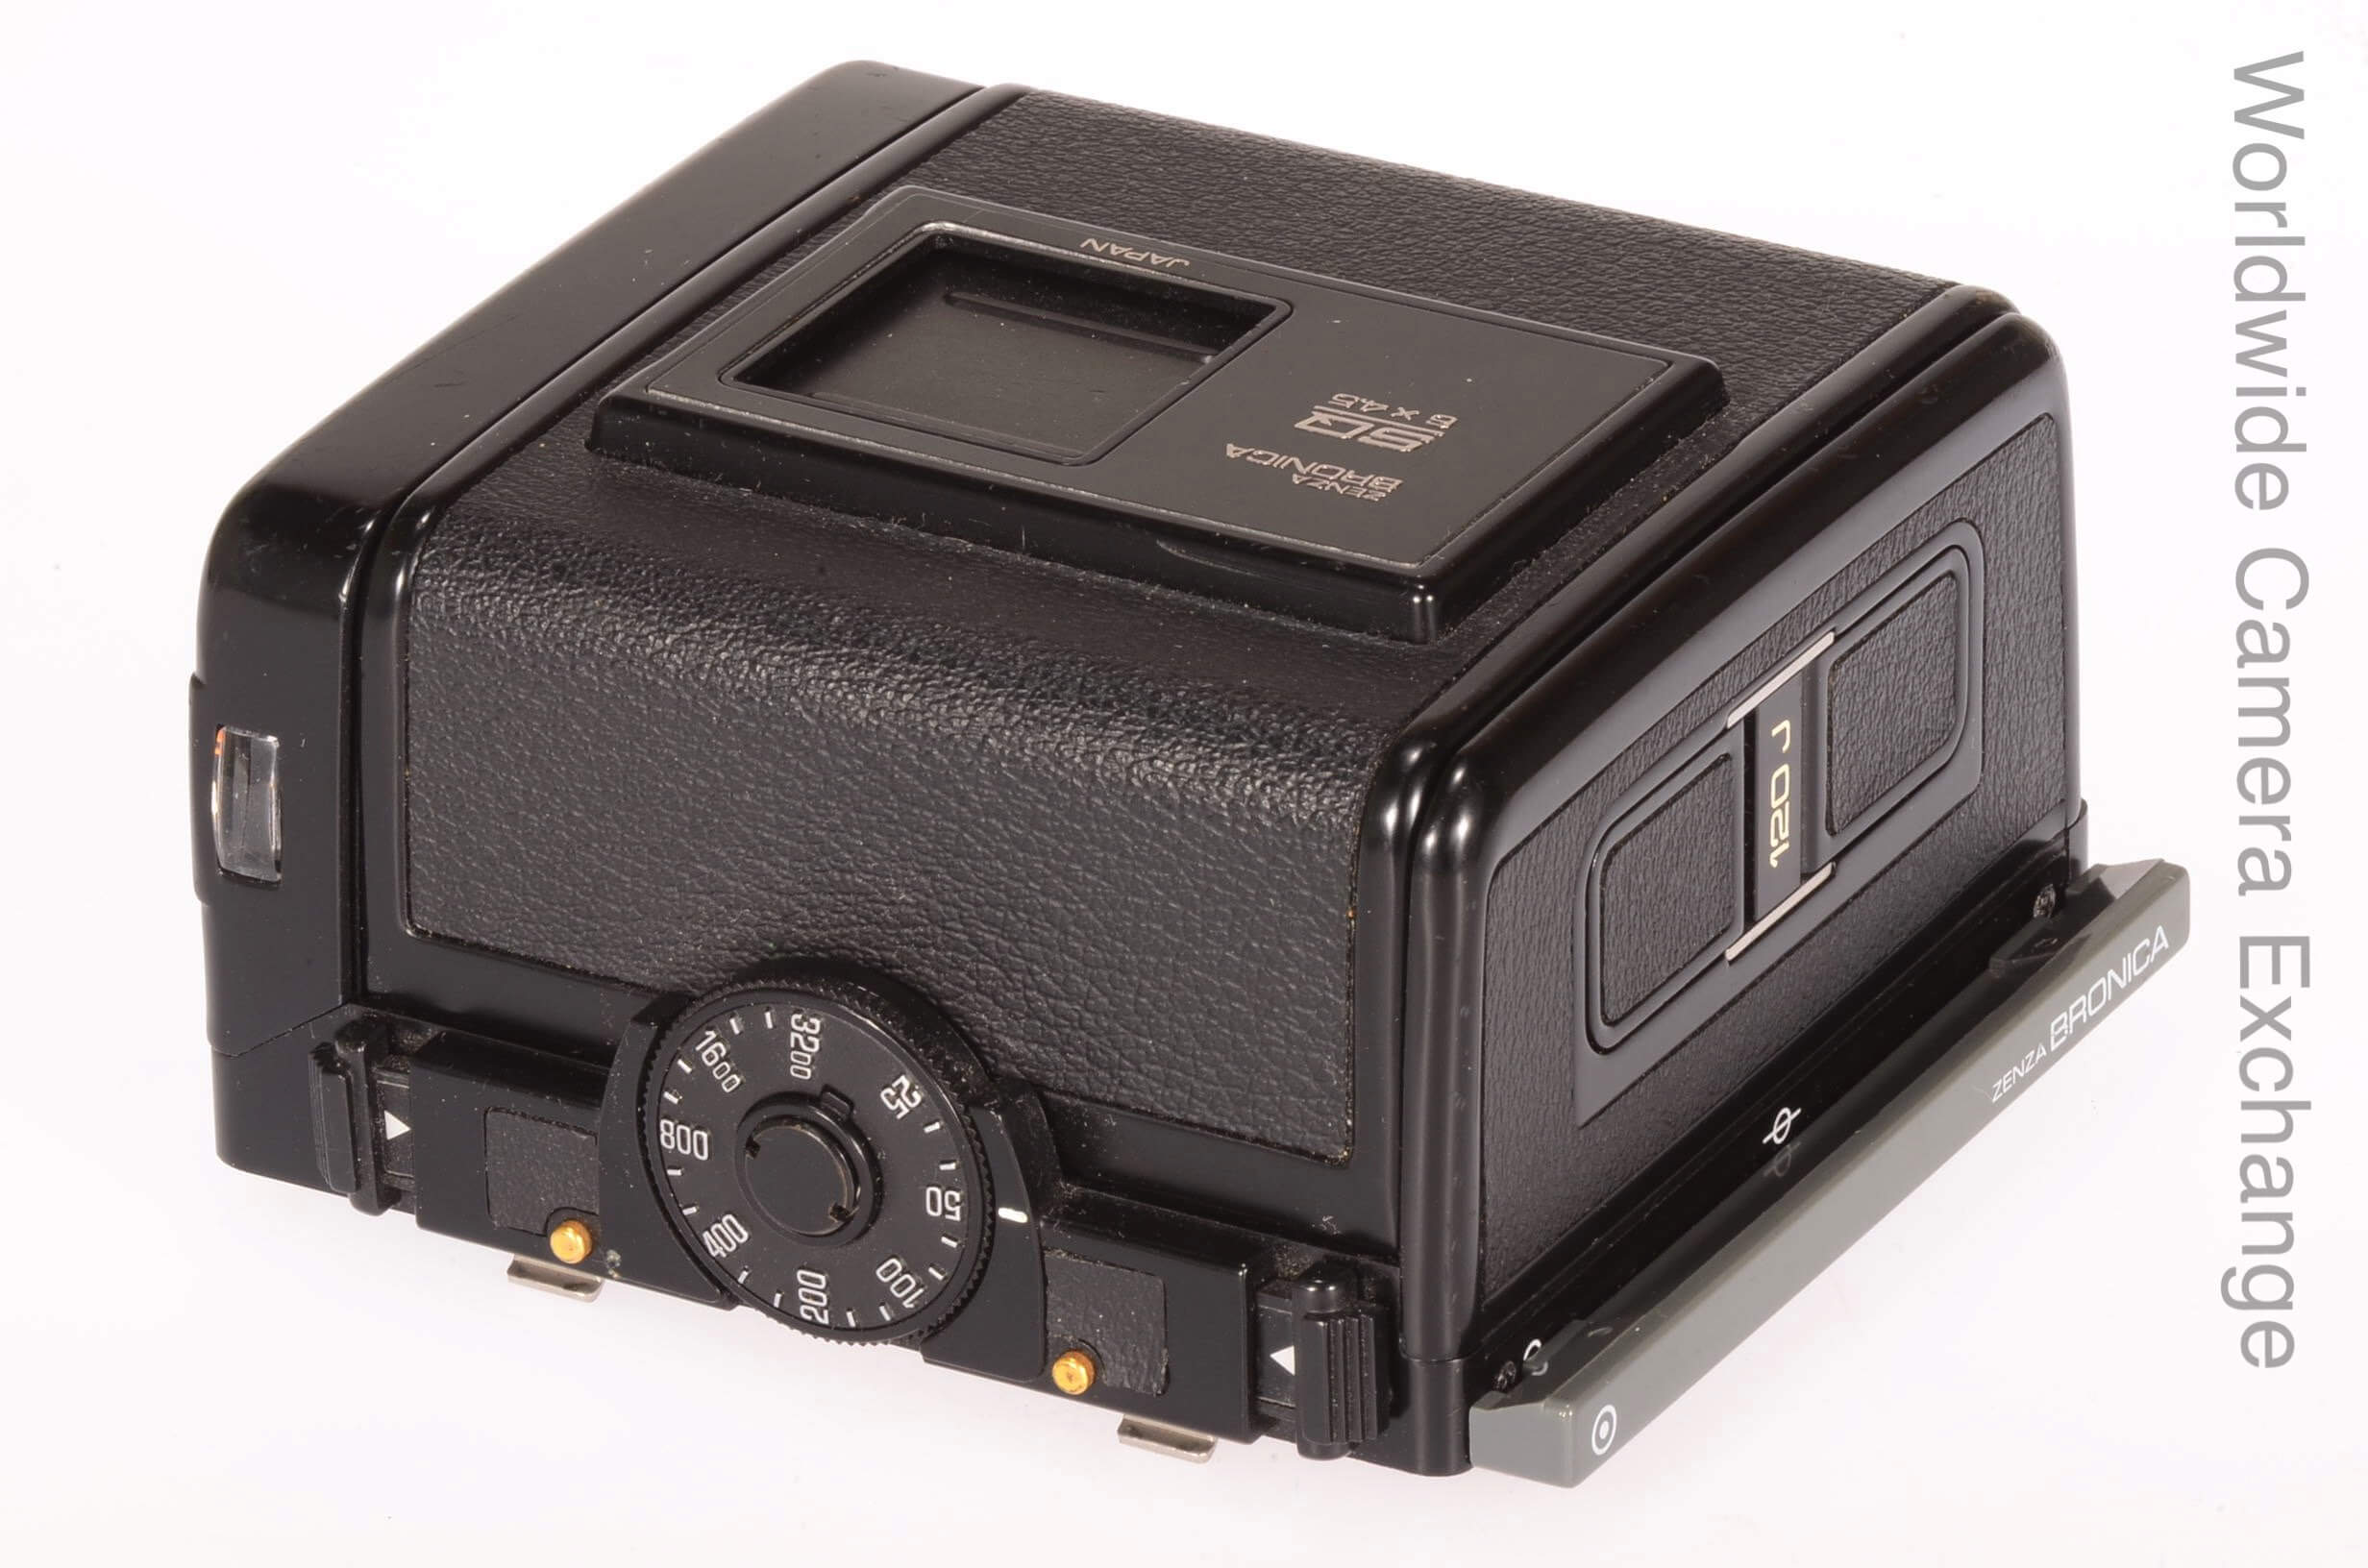 Bronica SQA-J 120 6x4.5 back, boxed